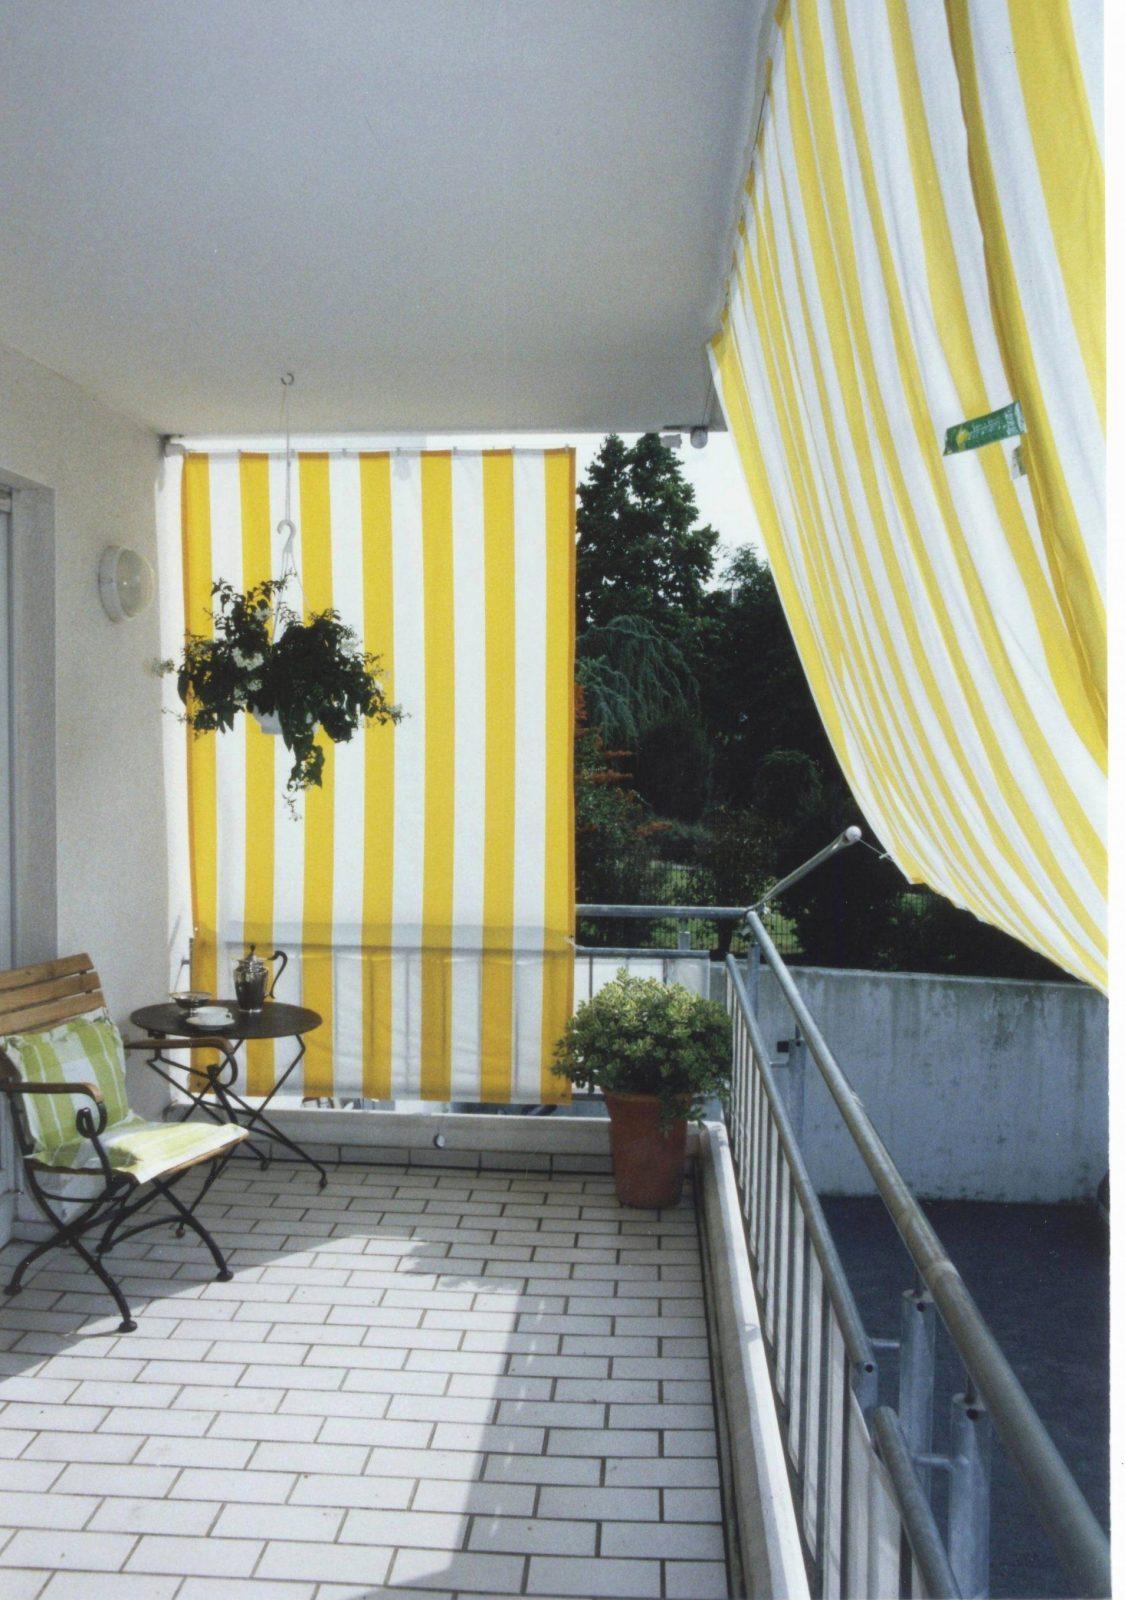 Seitlicher sichtschutz f r balkon ohne bohren haus design ideen - Sichtschutz balkon ohne bohren ...